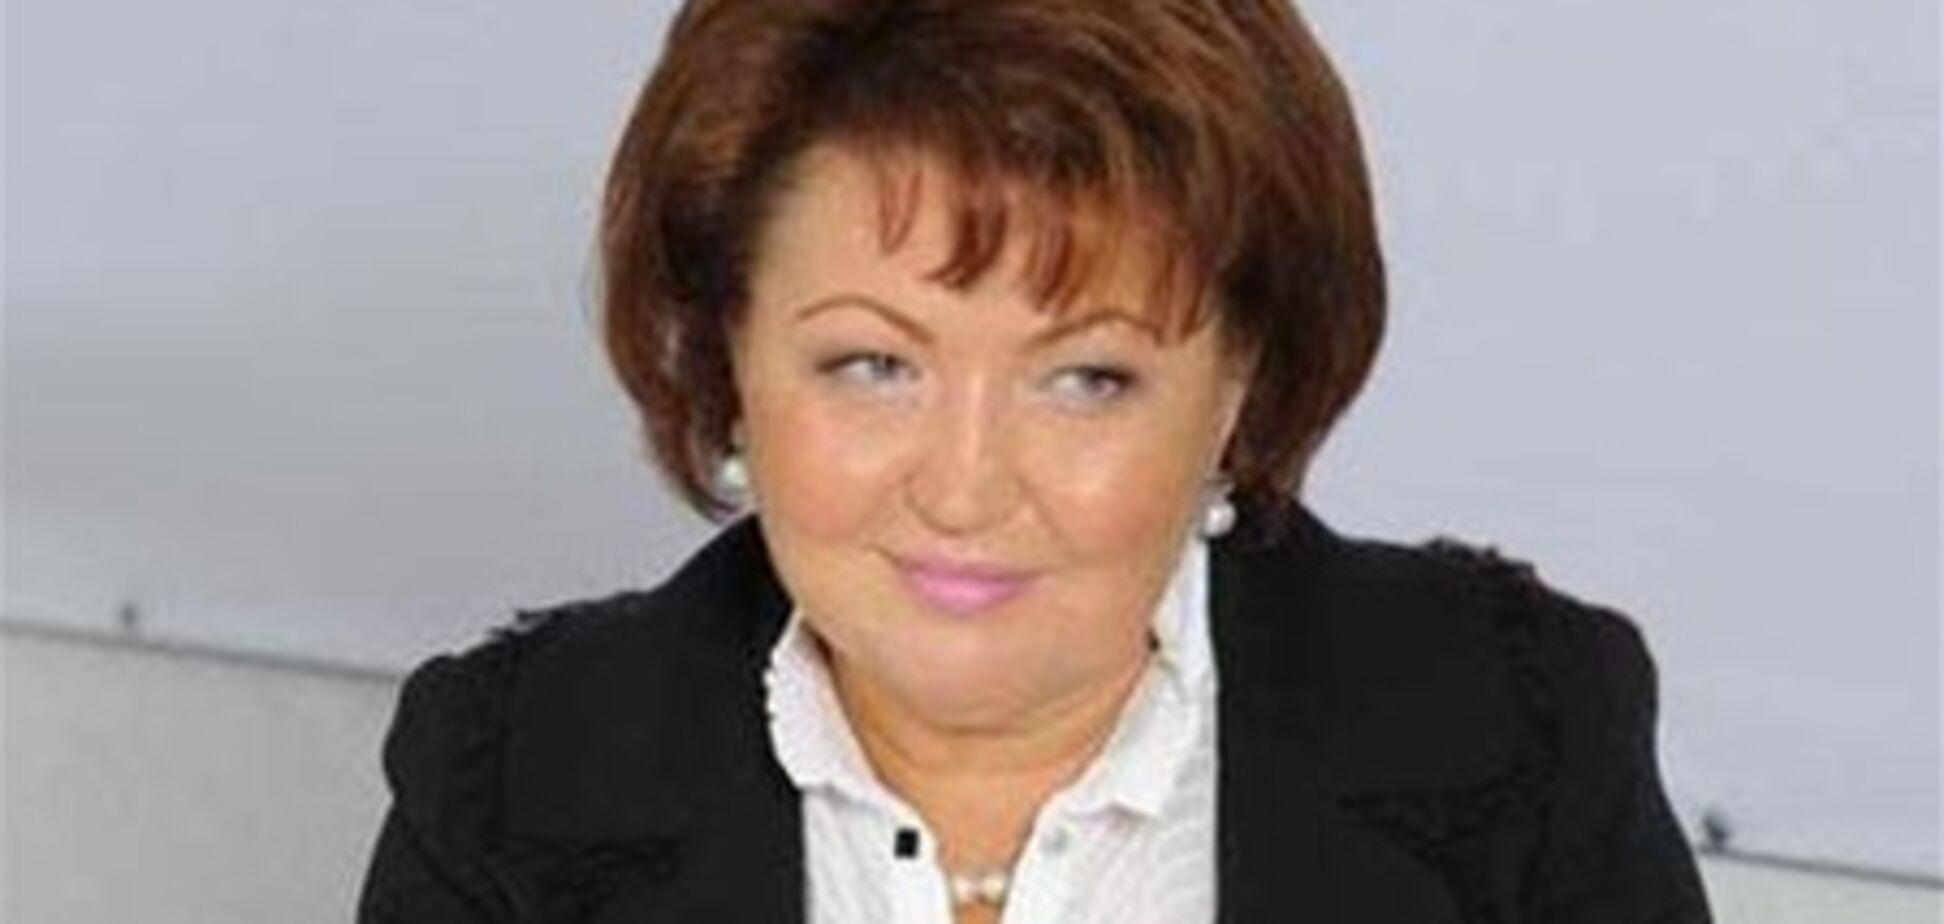 Тетяна Бахтєєва запропонувала подивитися на свою білизну